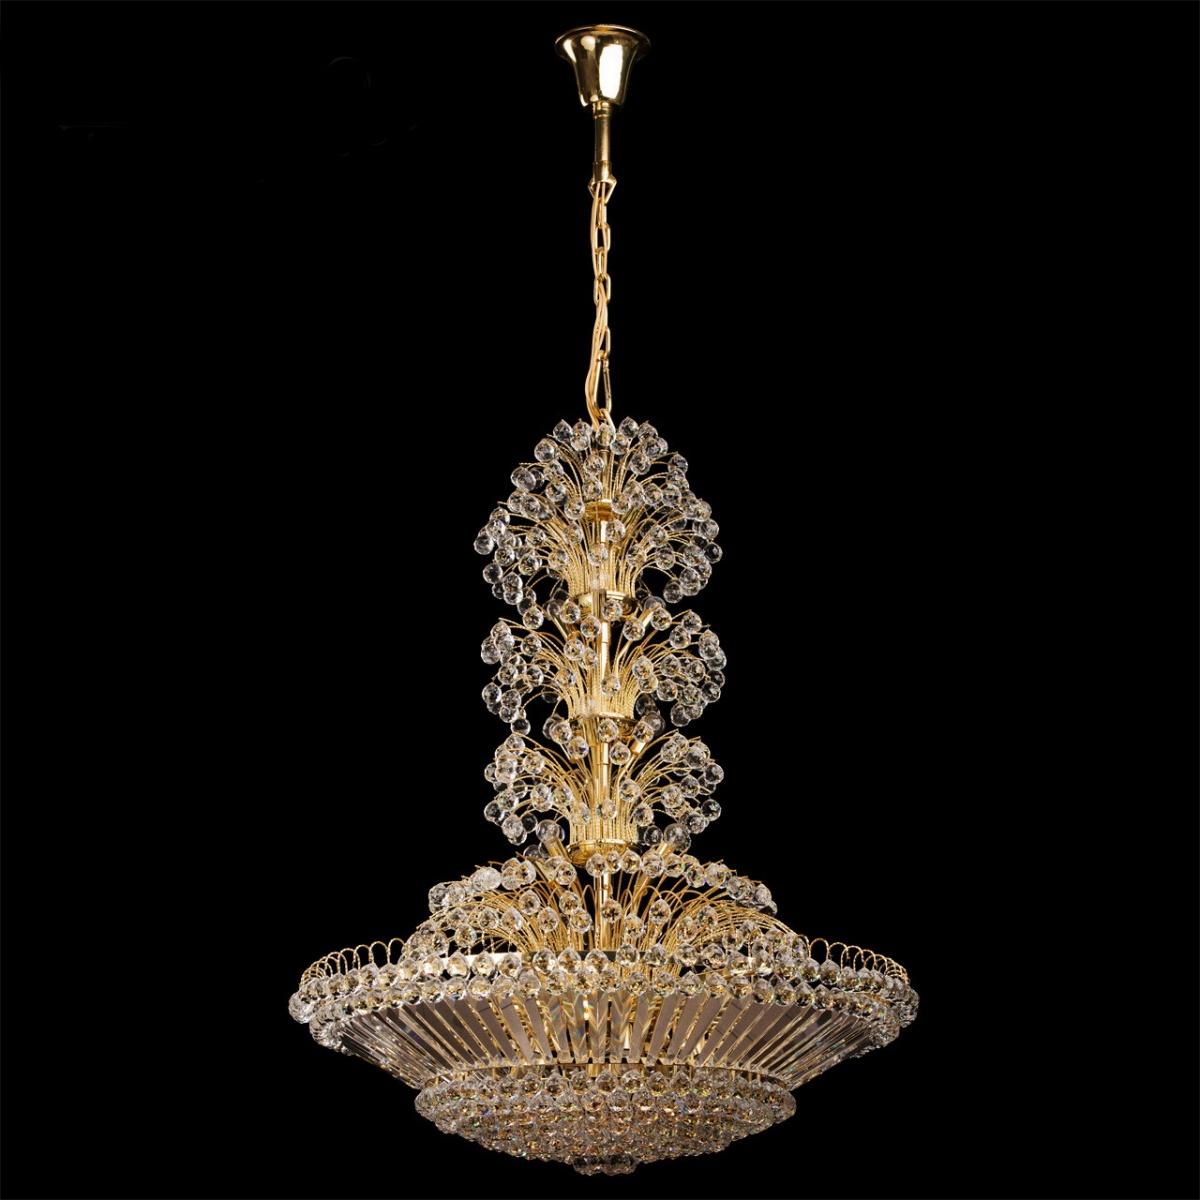 Купить со скидкой Подвесная люстра Chiaro жемчуг в стиле арт-деко